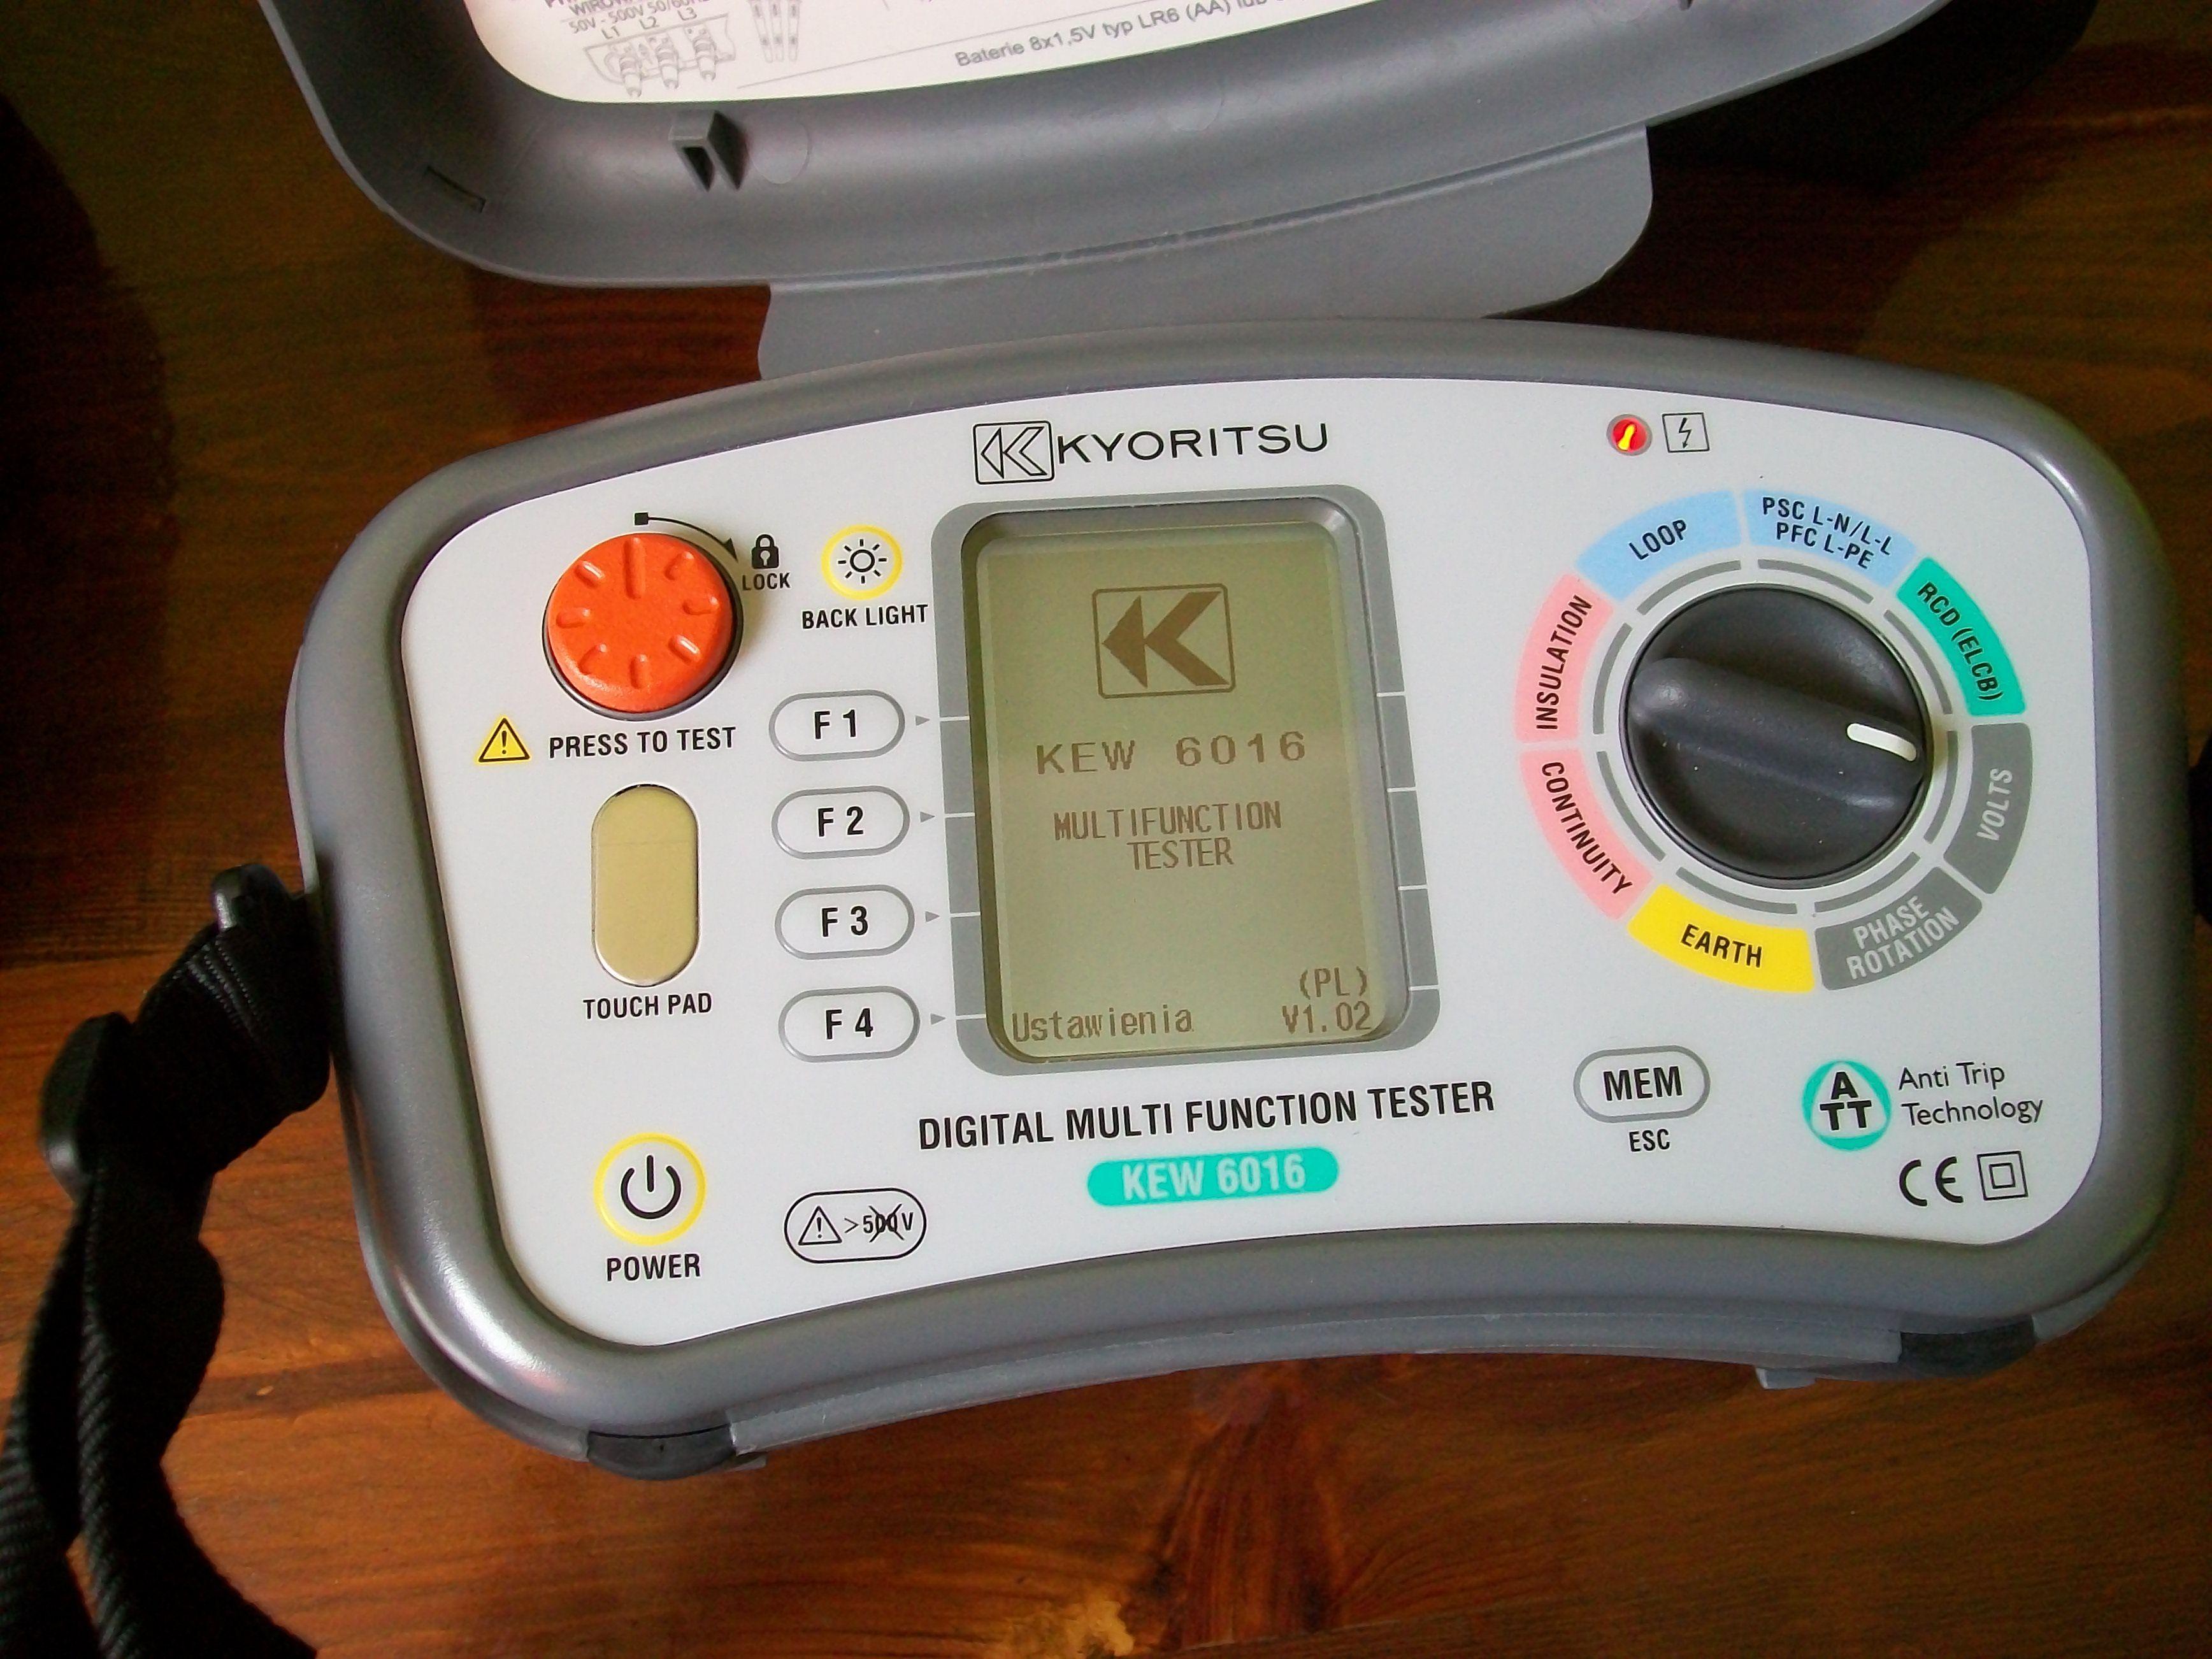 [Sprzedam] Kyoritsu KEW 6016 wielofunkcyjny miernik inst elektrycznych